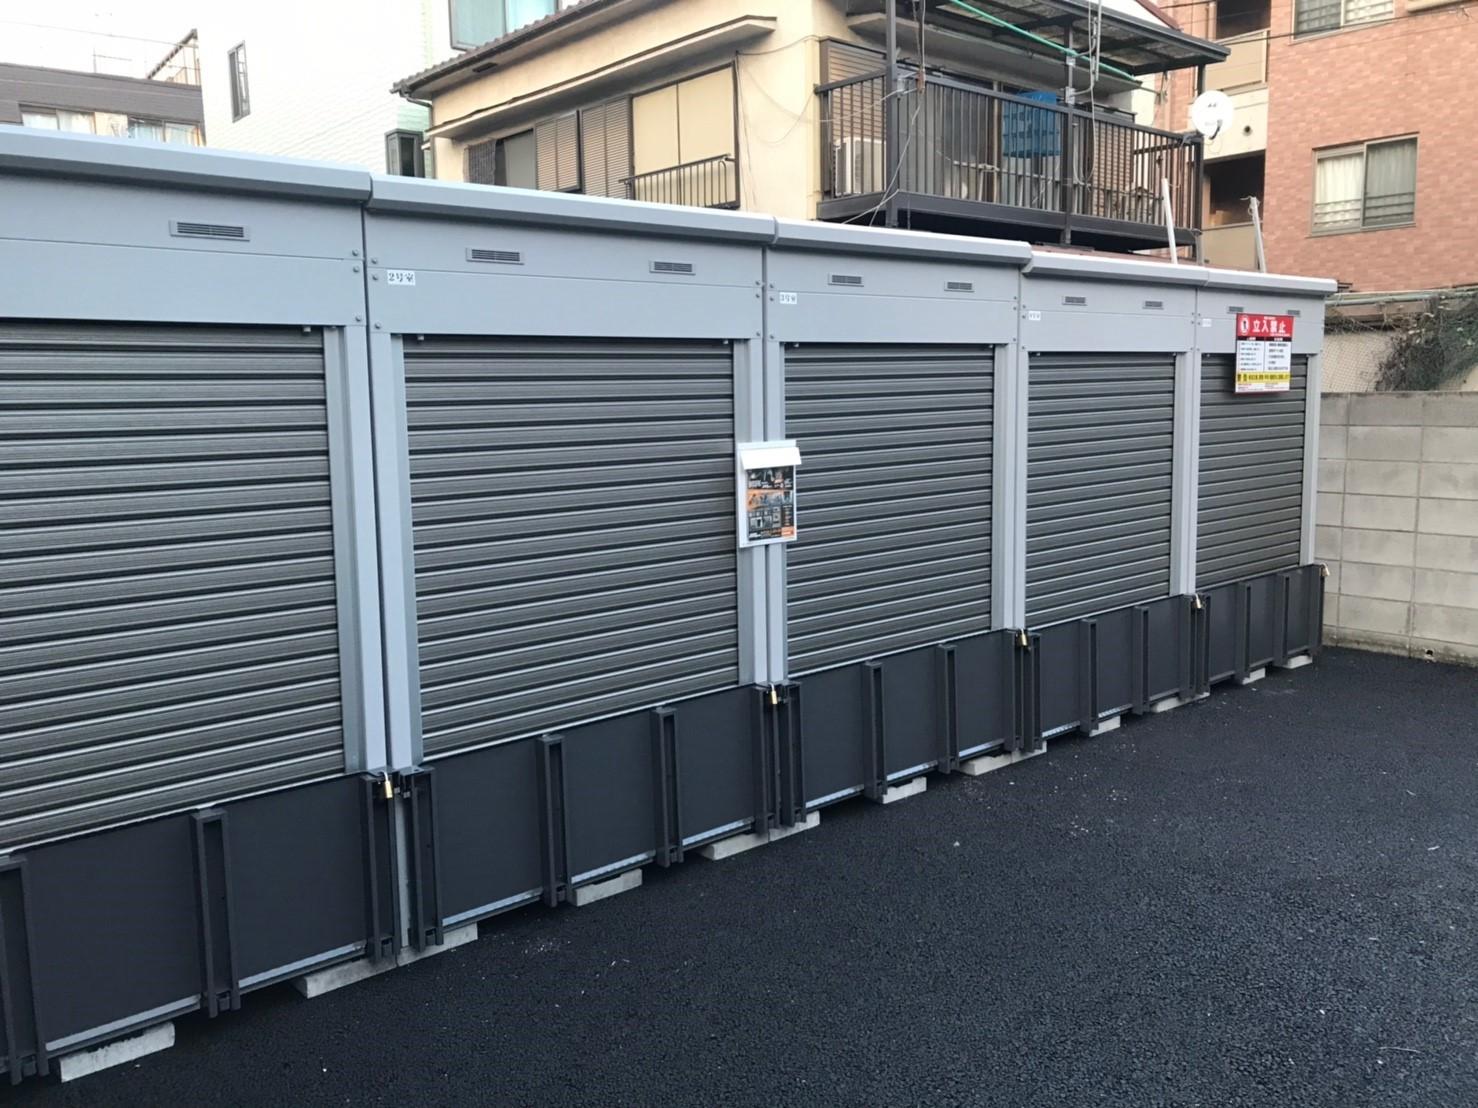 バイクストレージ椎名町駅北口の物件外観